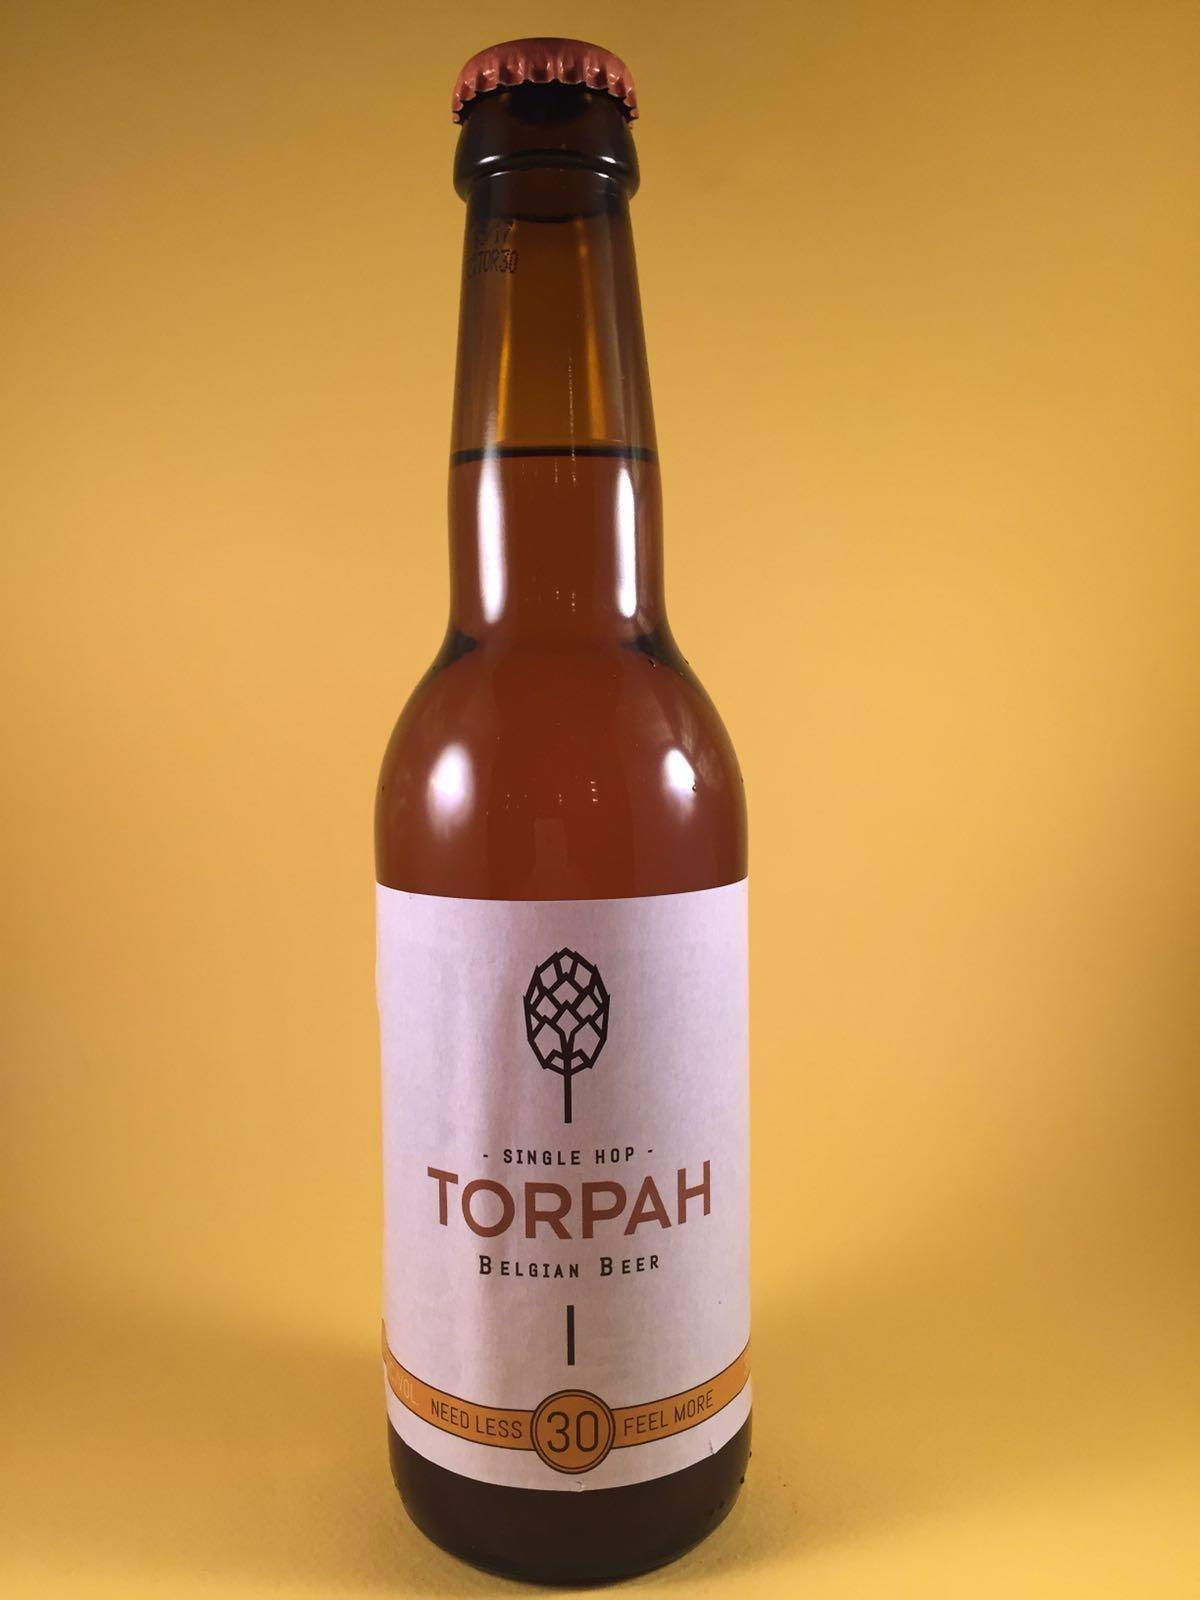 """Dit bier is een """"single hop"""" bier van brouwerij Brasserie {c}. Thorpa heeft drie varianten die elk gebrouwen zijn met één hopsoort. Het bier heeft een hoppige smaak maar is een lekkere doordrinker. Thorpa heeft varianten van 30-60-90. Dit getal verwijst naar de bitterheidwaarde. Het bier heeft een alcoholpercentage van 6%. Advies serveertemperatuur: 6 graden."""